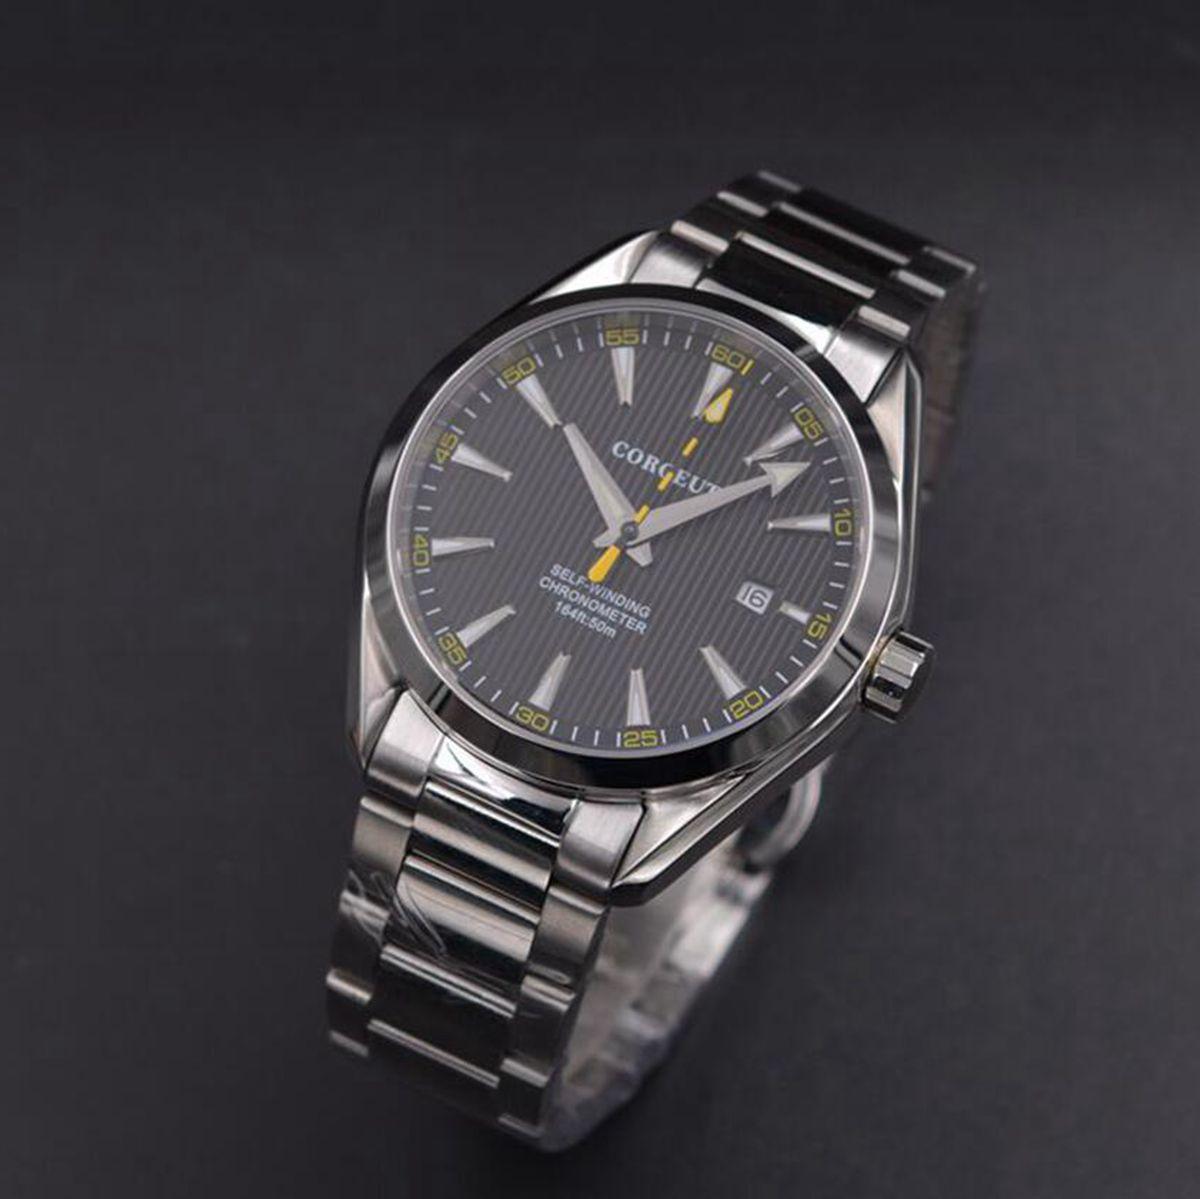 Corgeut 41mm mężczyźni zegar automatyczne ze stali nierdzewnej niebieski dial mechaniczny szkła szafirowego sukienka mężczyźni zegarki luksusowe top marka w Zegarki mechaniczne od Zegarki na  Grupa 1